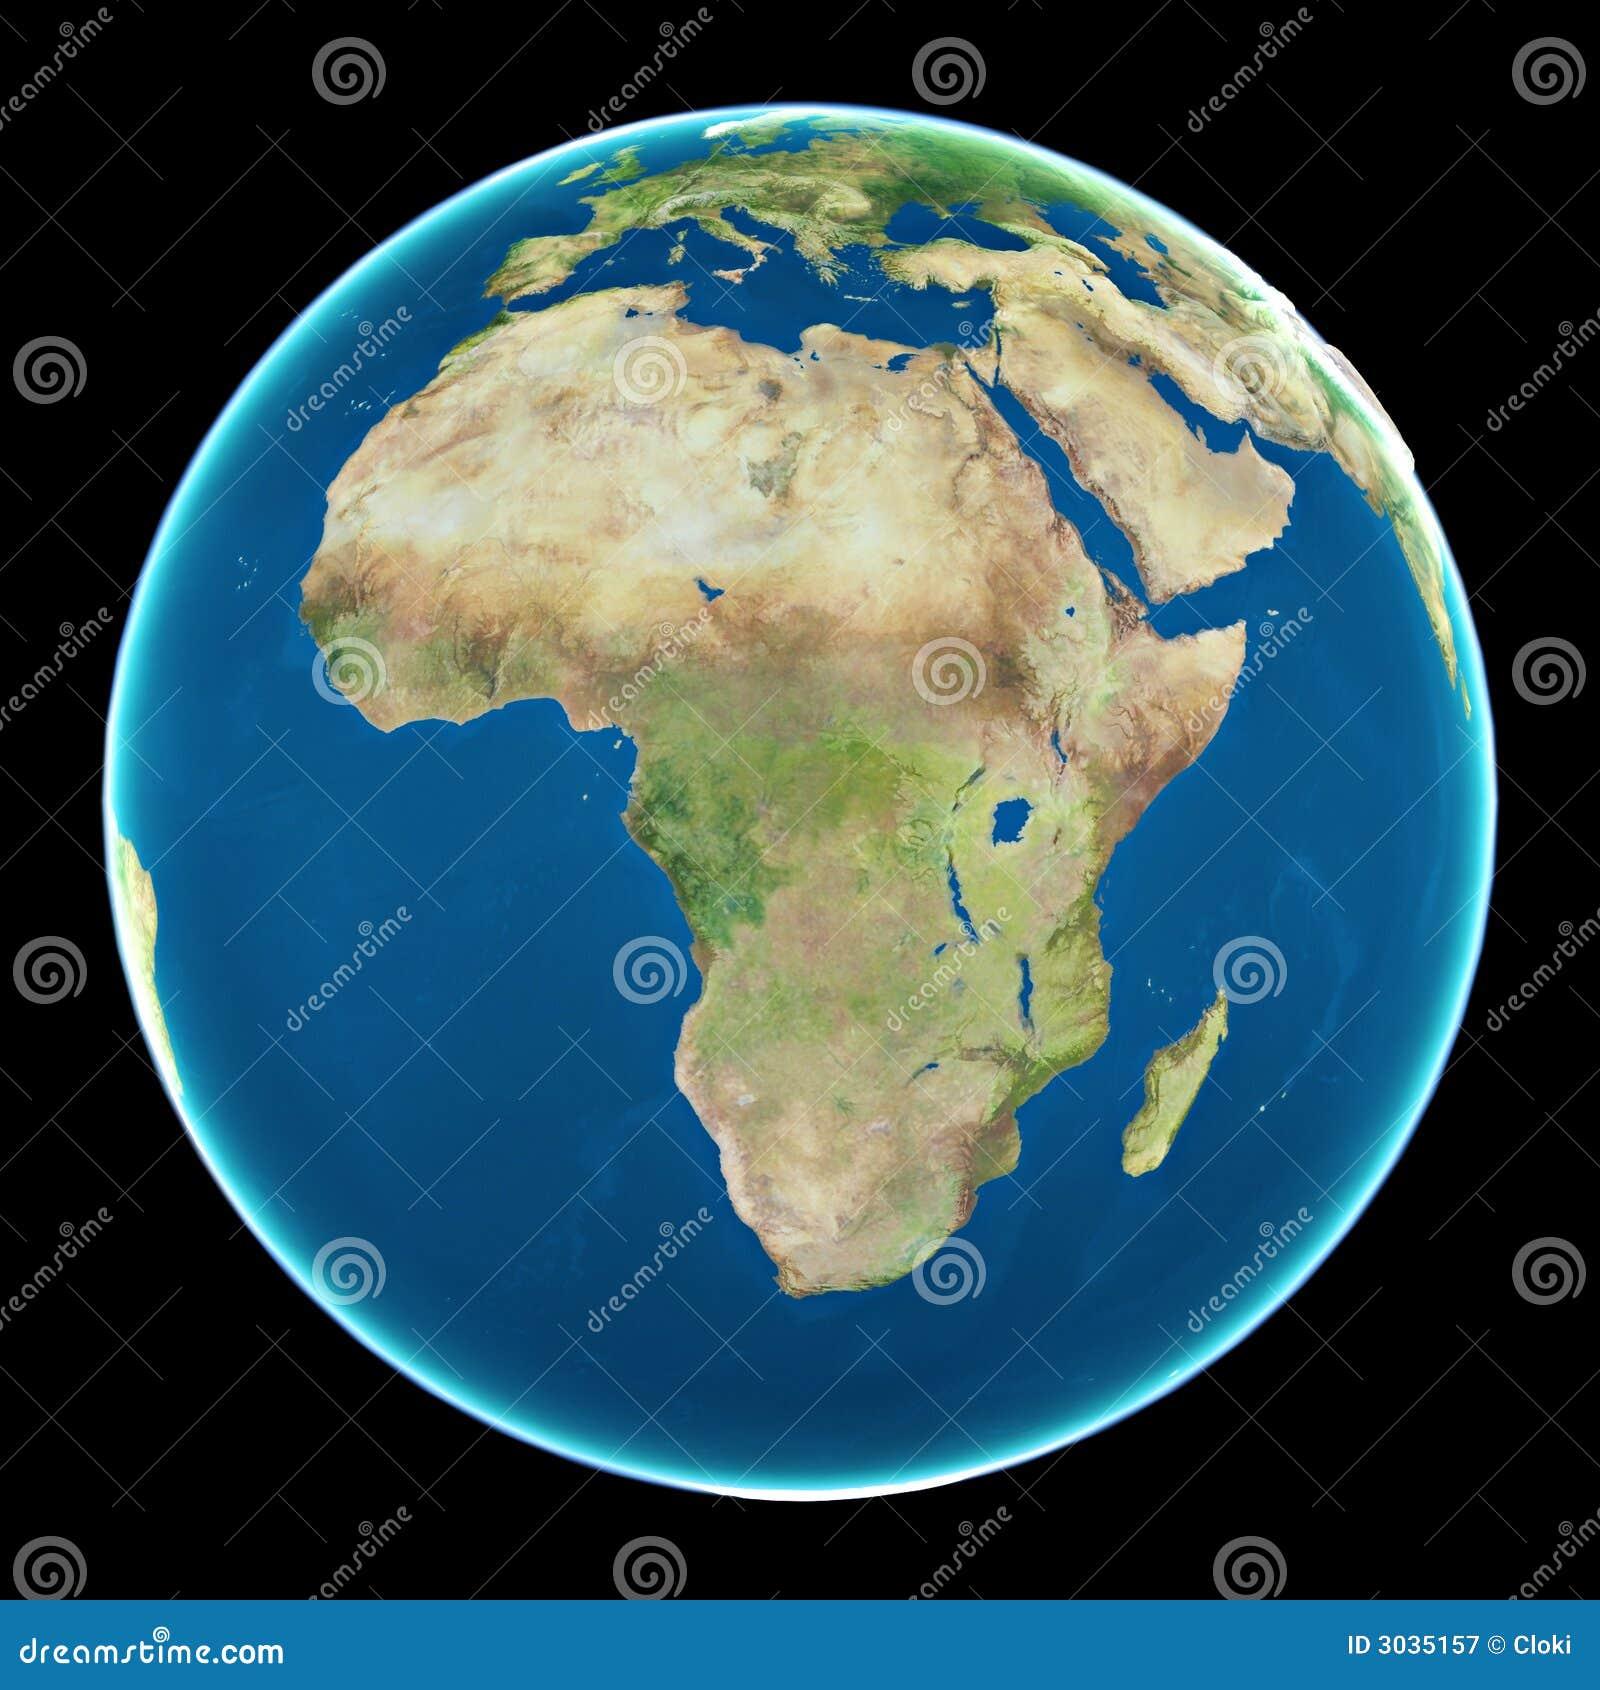 Afrika auf Planet Erde